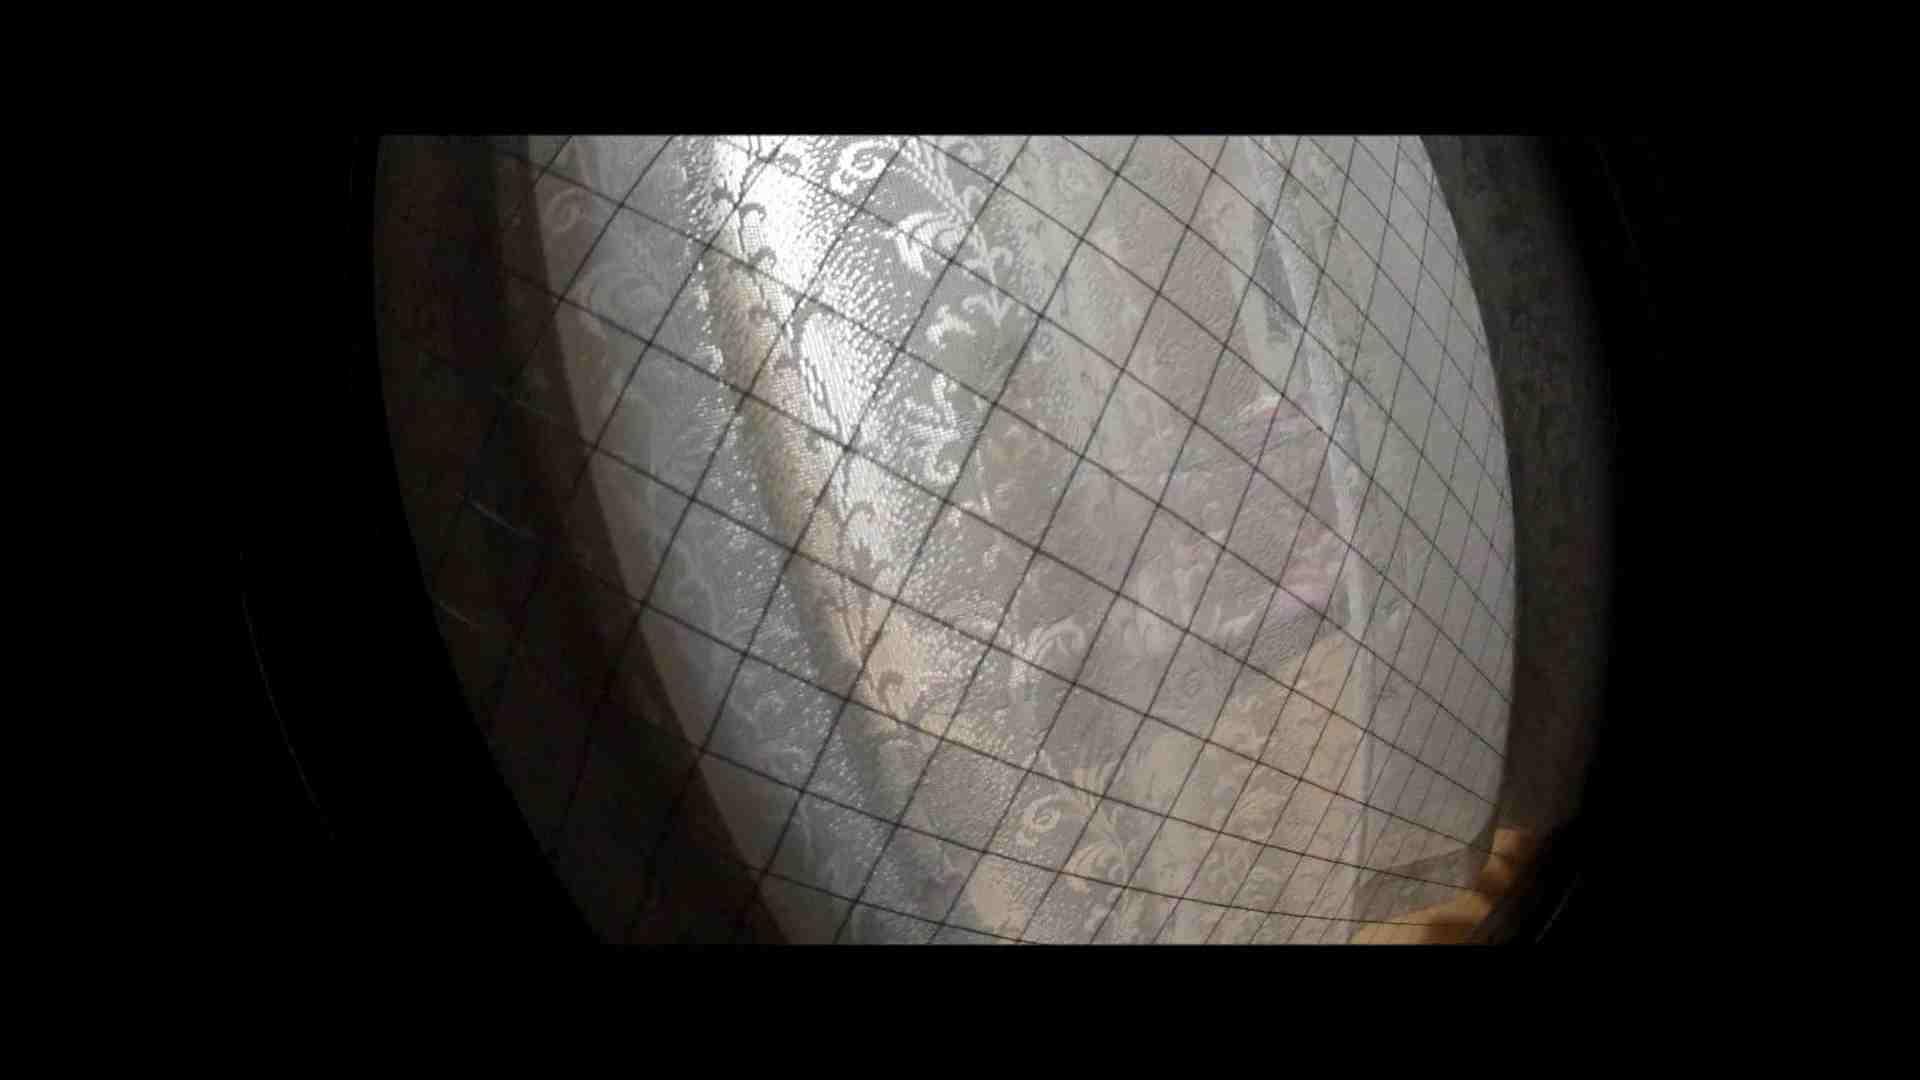 【04】別の日・・・魚眼レンズで広角に撮れました。 マンコ満開 えろ無修正画像 80PIX 54